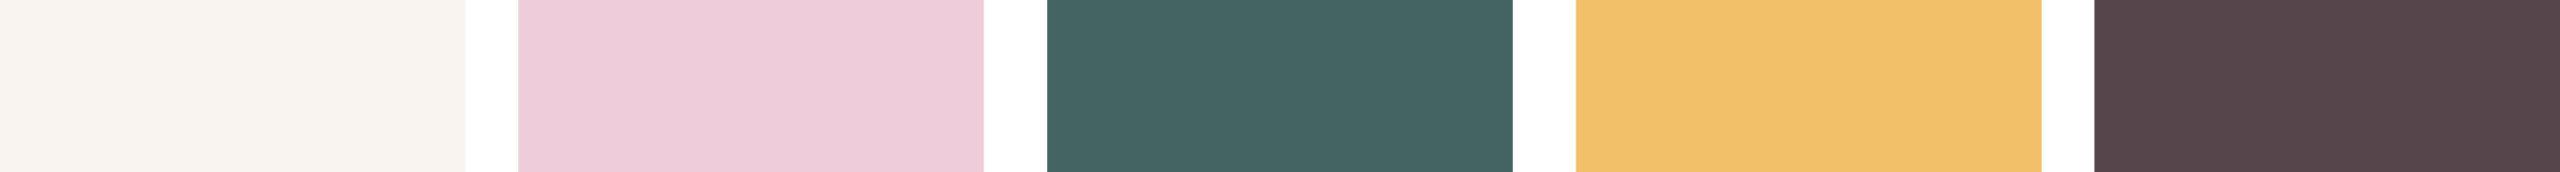 Schleifenfaenger_Farbpalette